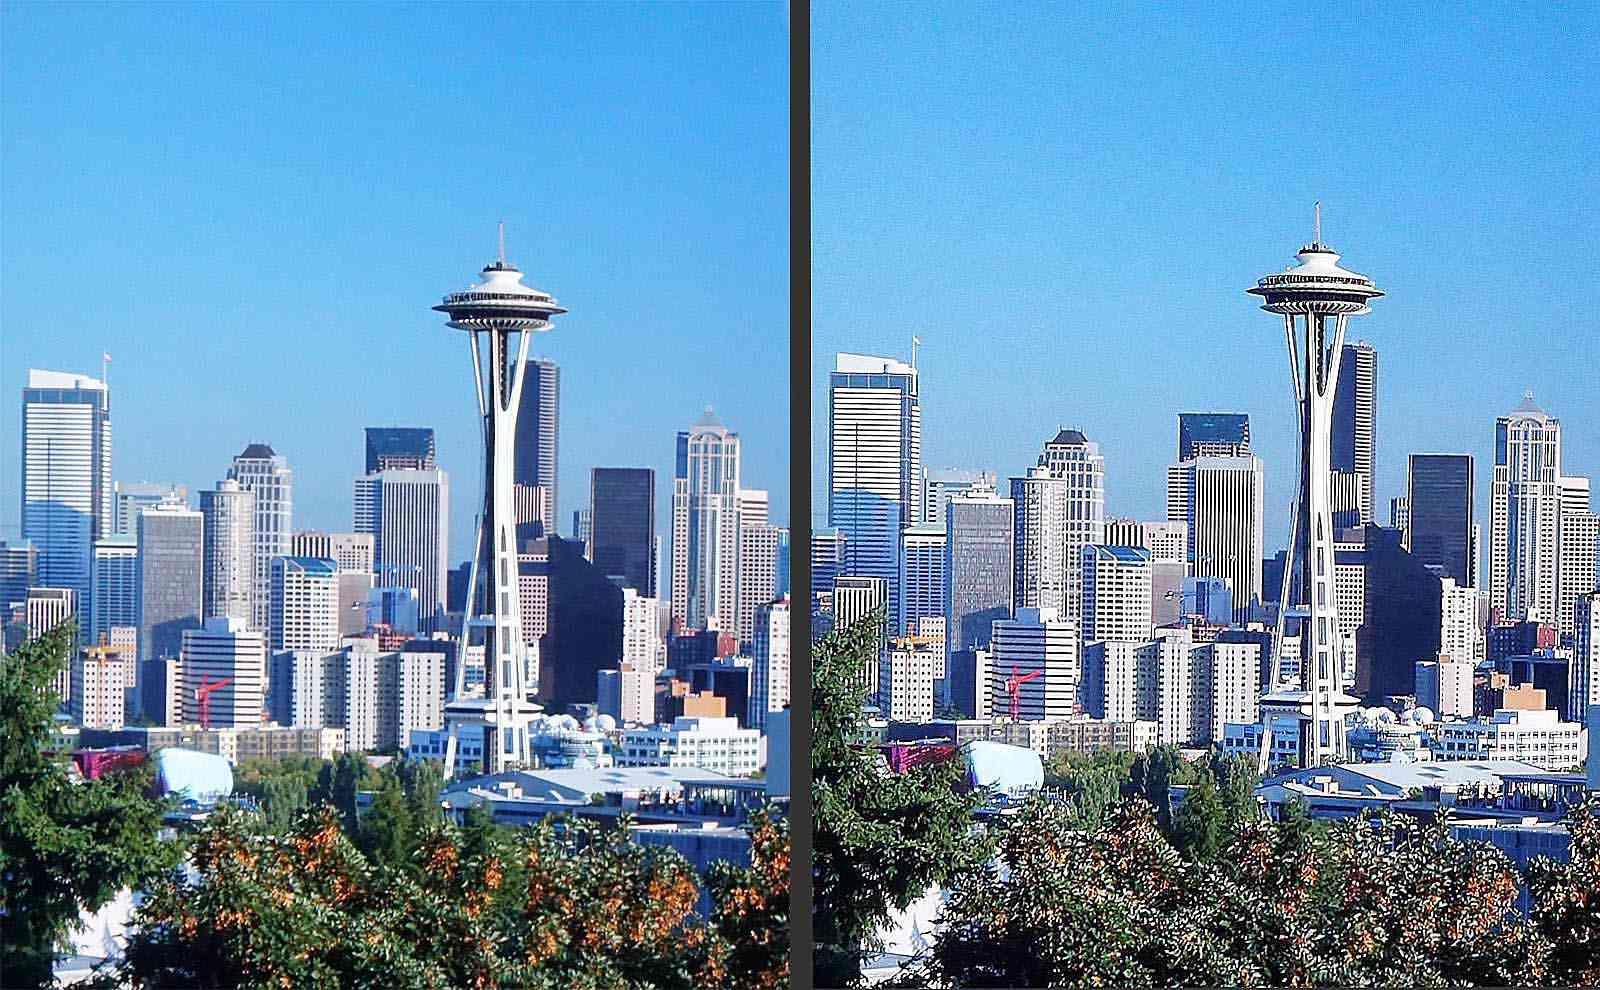 Seattle Skyline – Normal vs Sharp